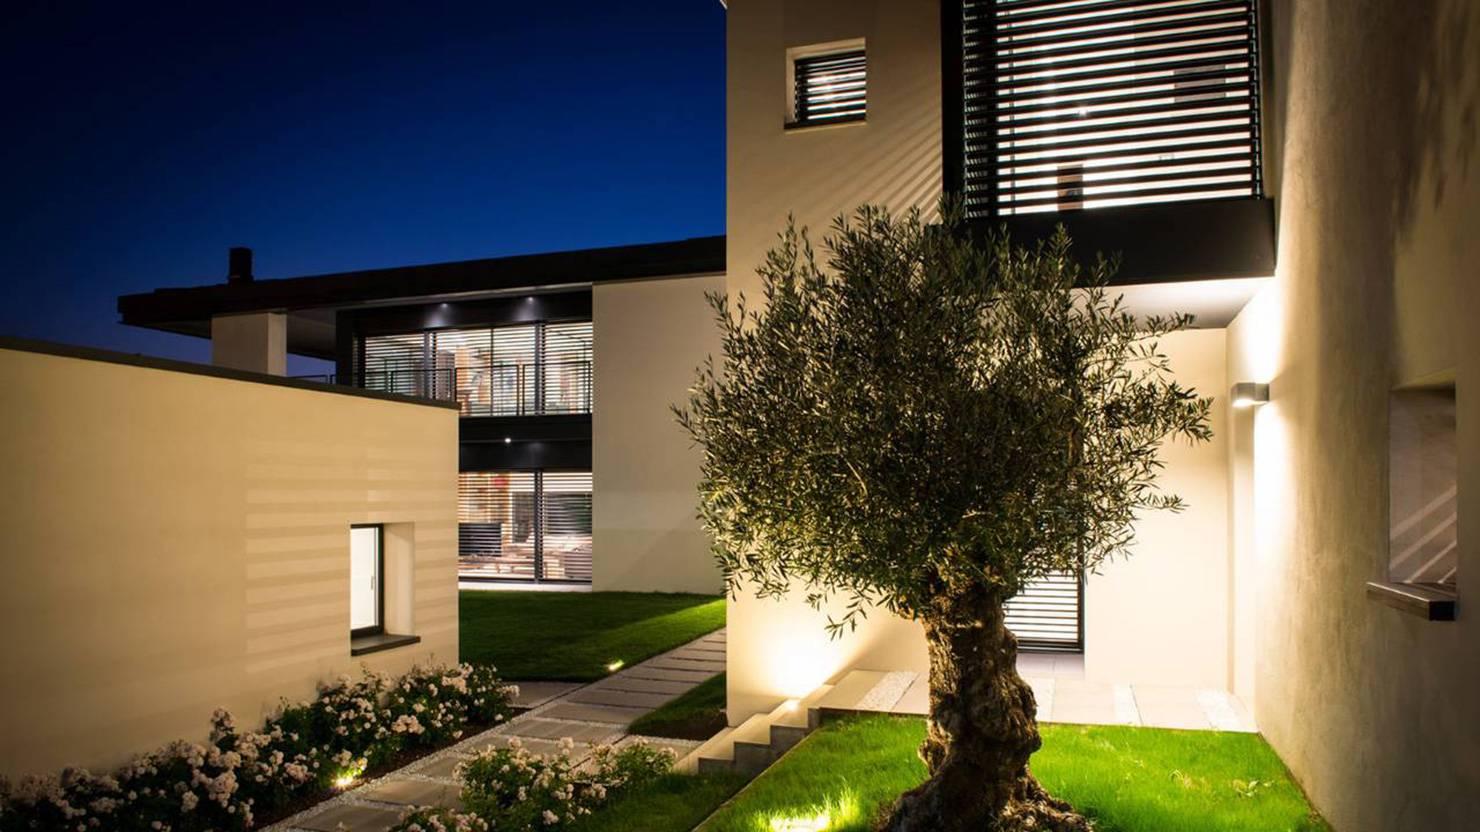 acciaio-zincato-alzante-scorrevole-luca-rutelli-villa-parma-4_project_big